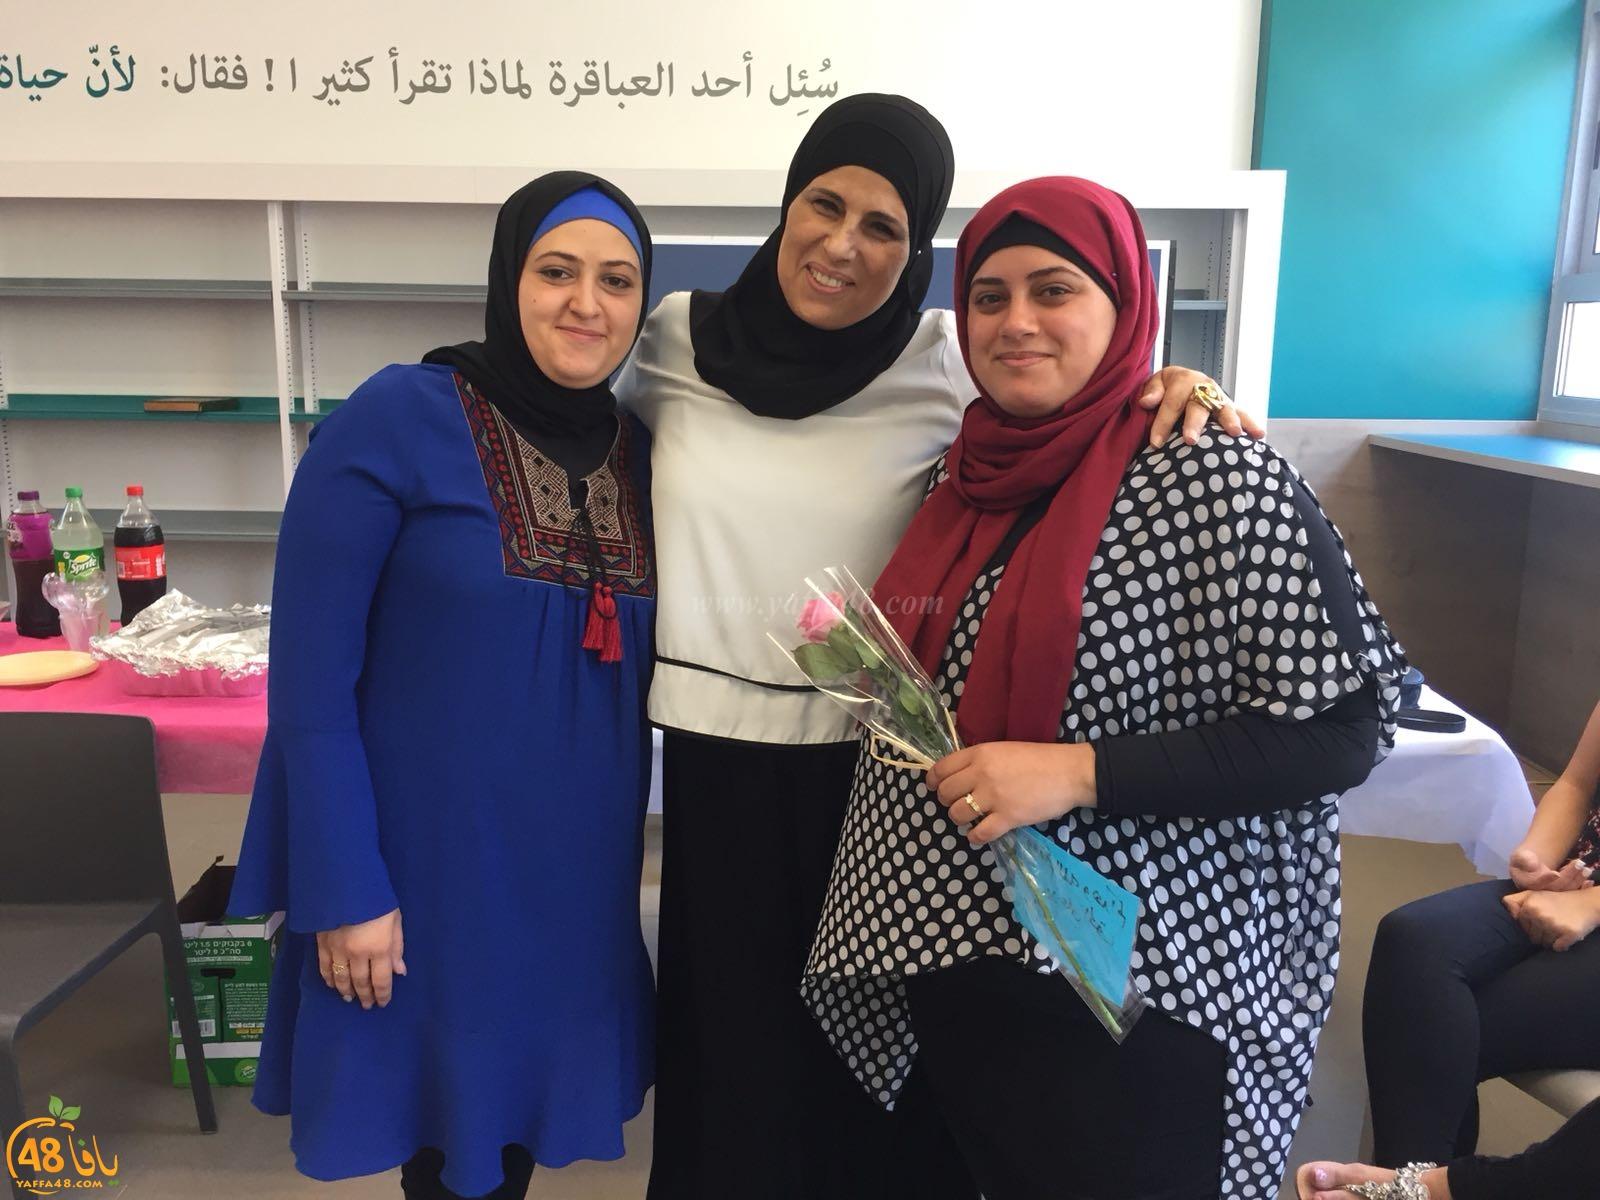 اجتماع لطاقم المعلمين والهيئة التدريسية في مدرسة يافا المستقبل عشية انتهاء العام الدراسي